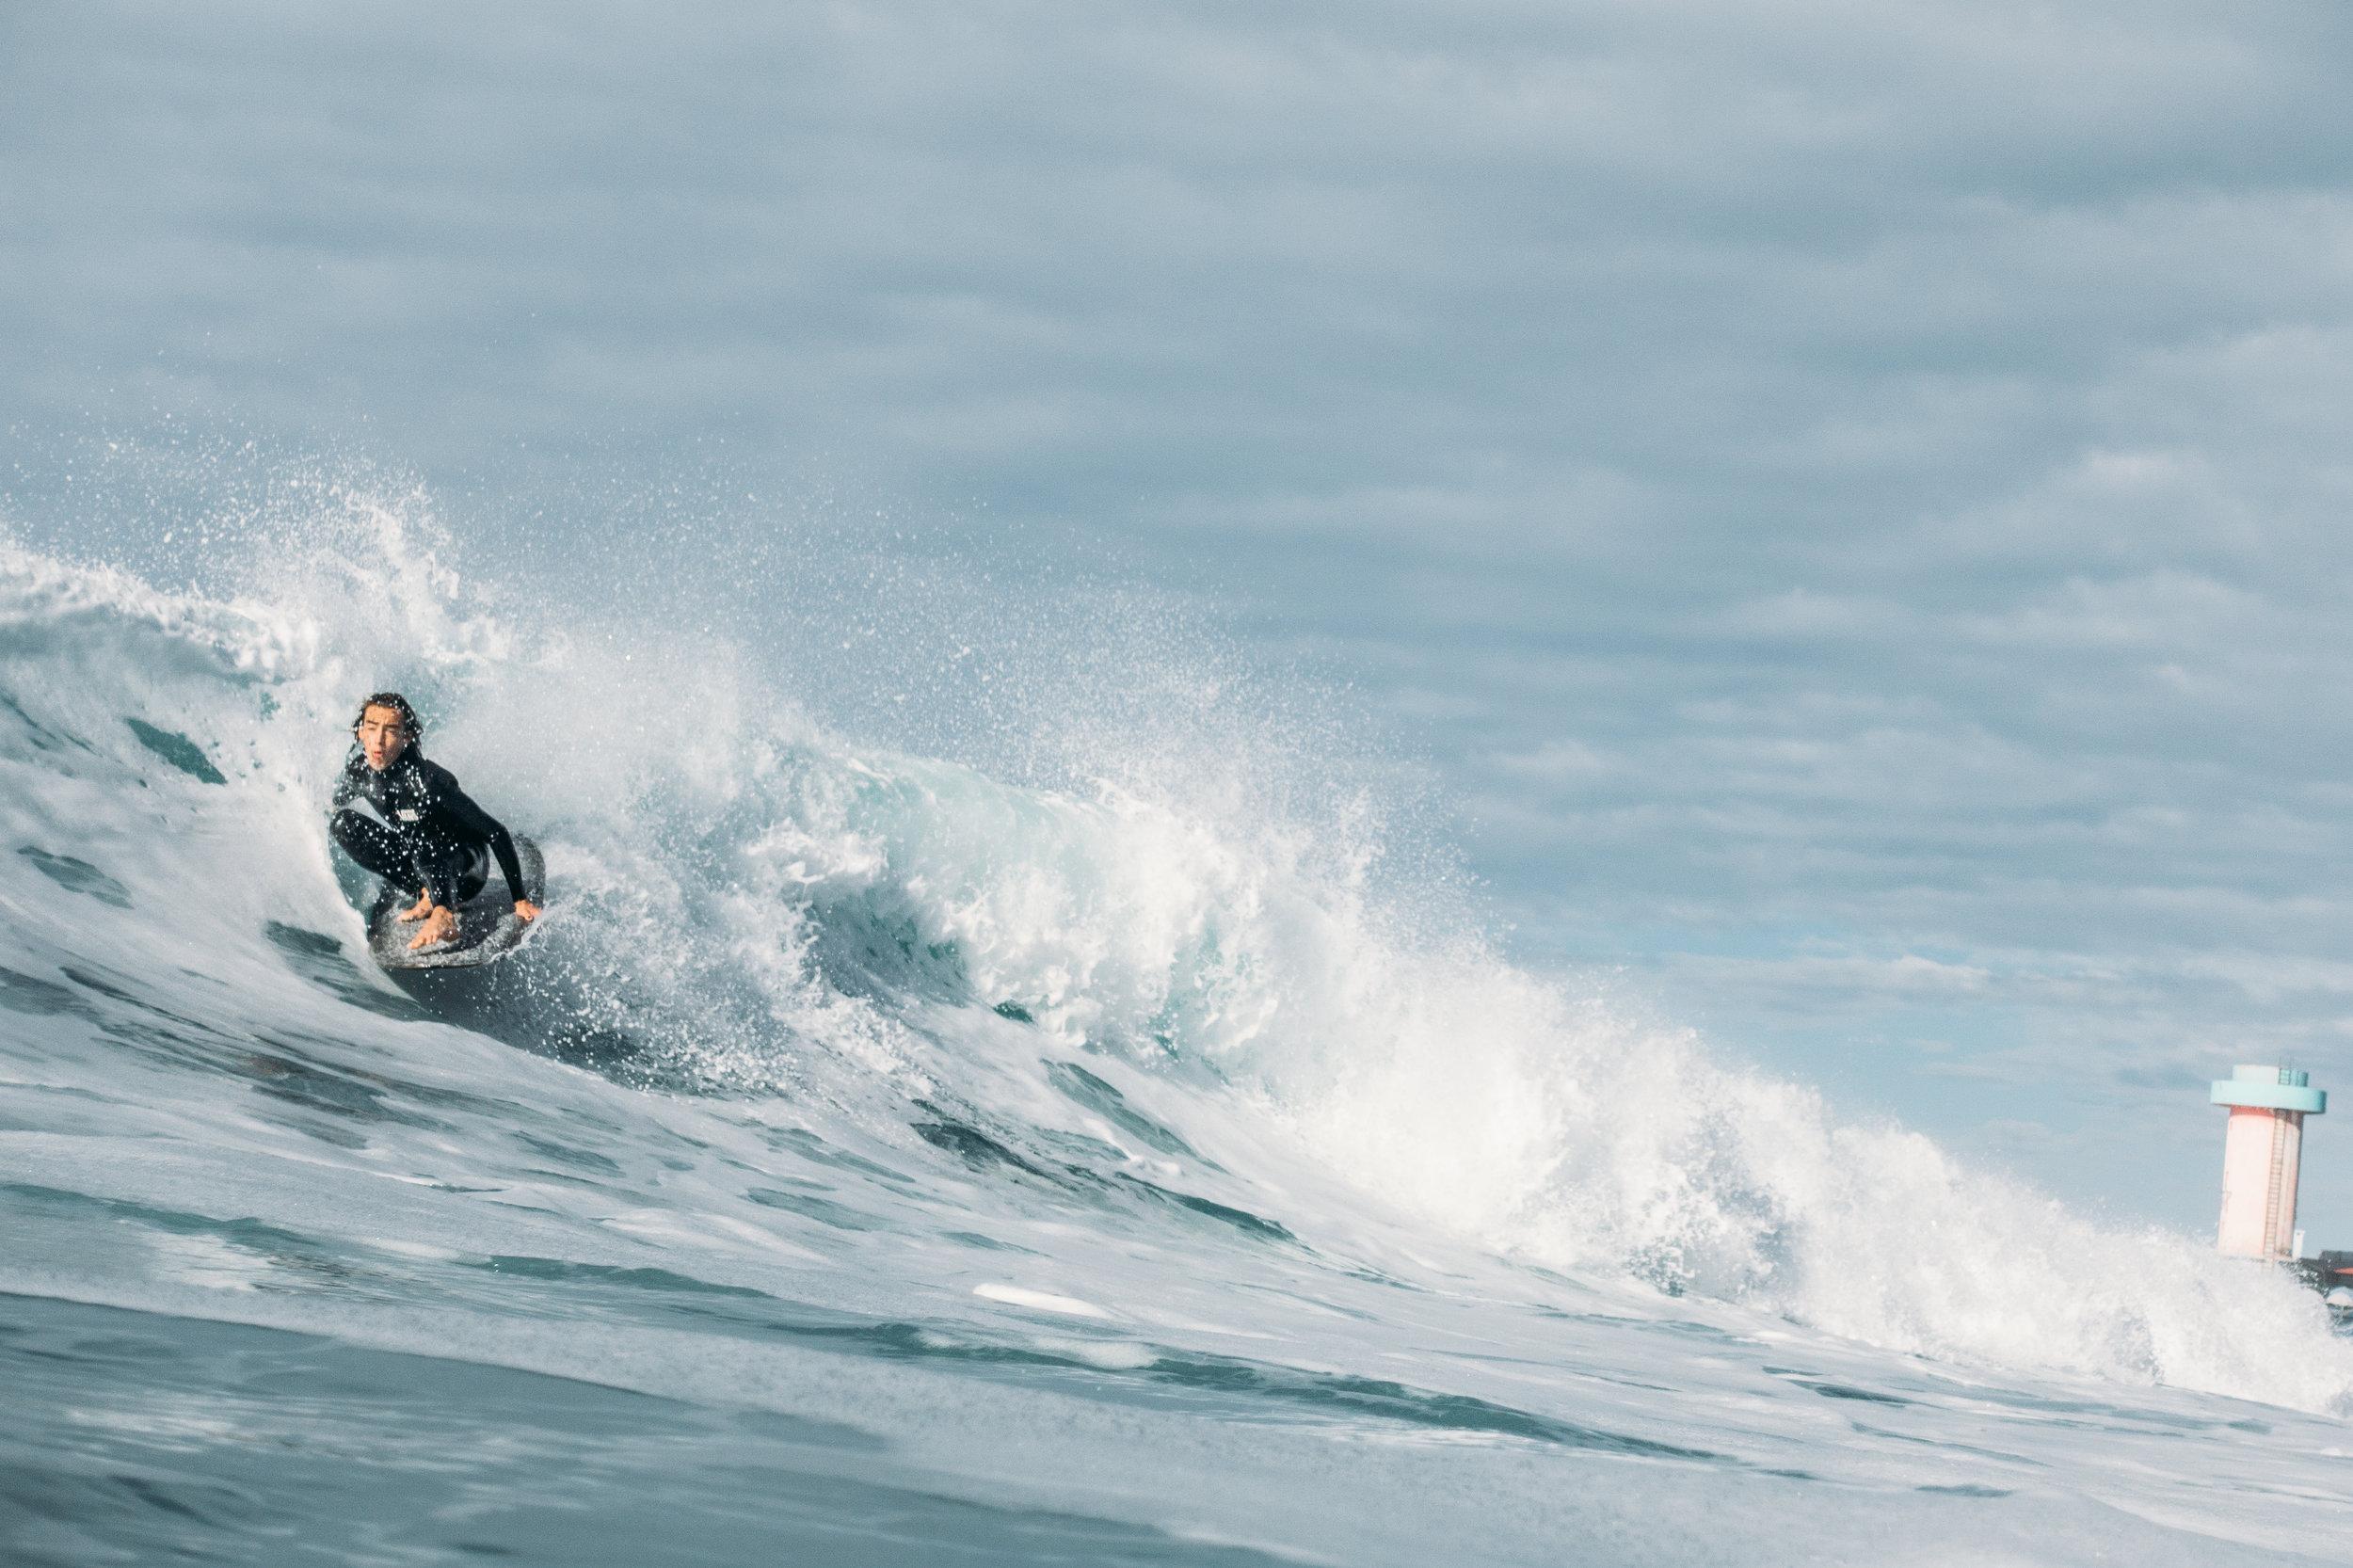 surf_saturday_Leia_Vita-49.jpg